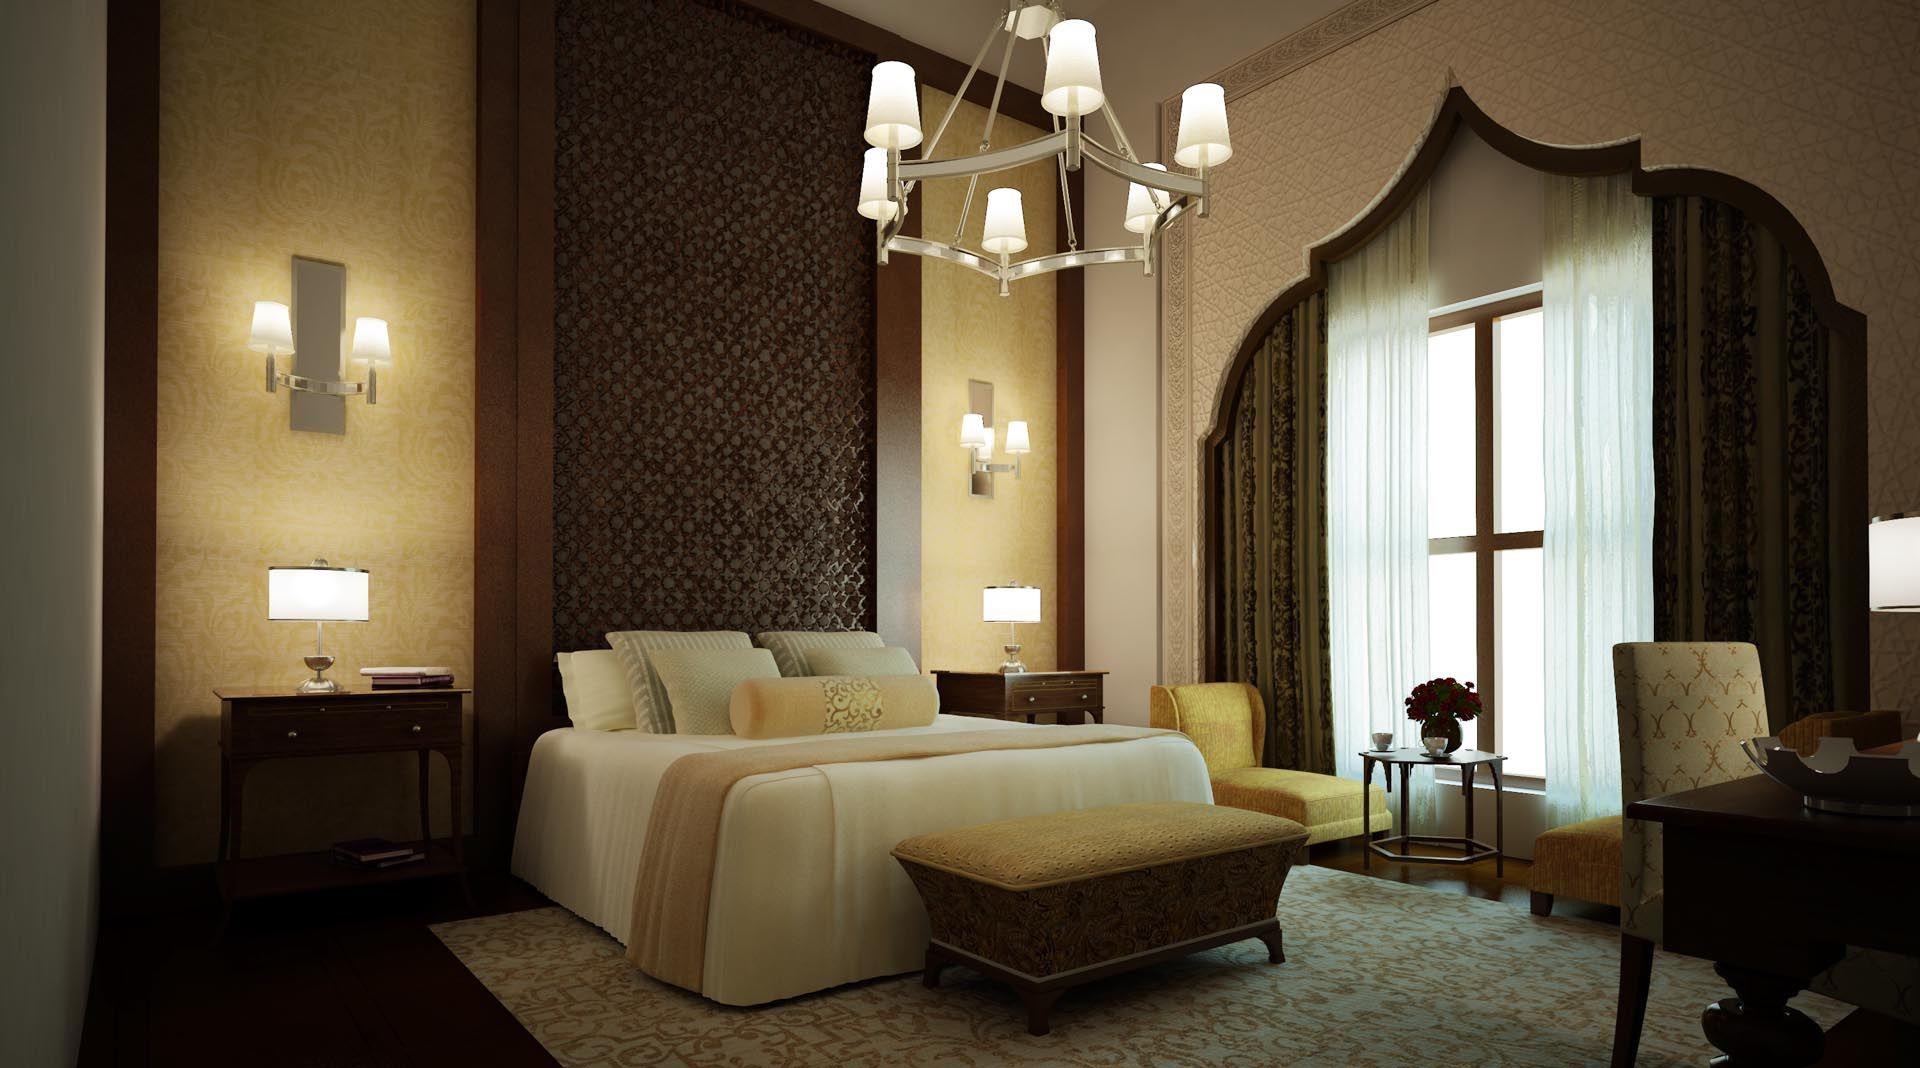 Mimar interiors architecture pinterest Innenarchitekt wohnungseinrichtung